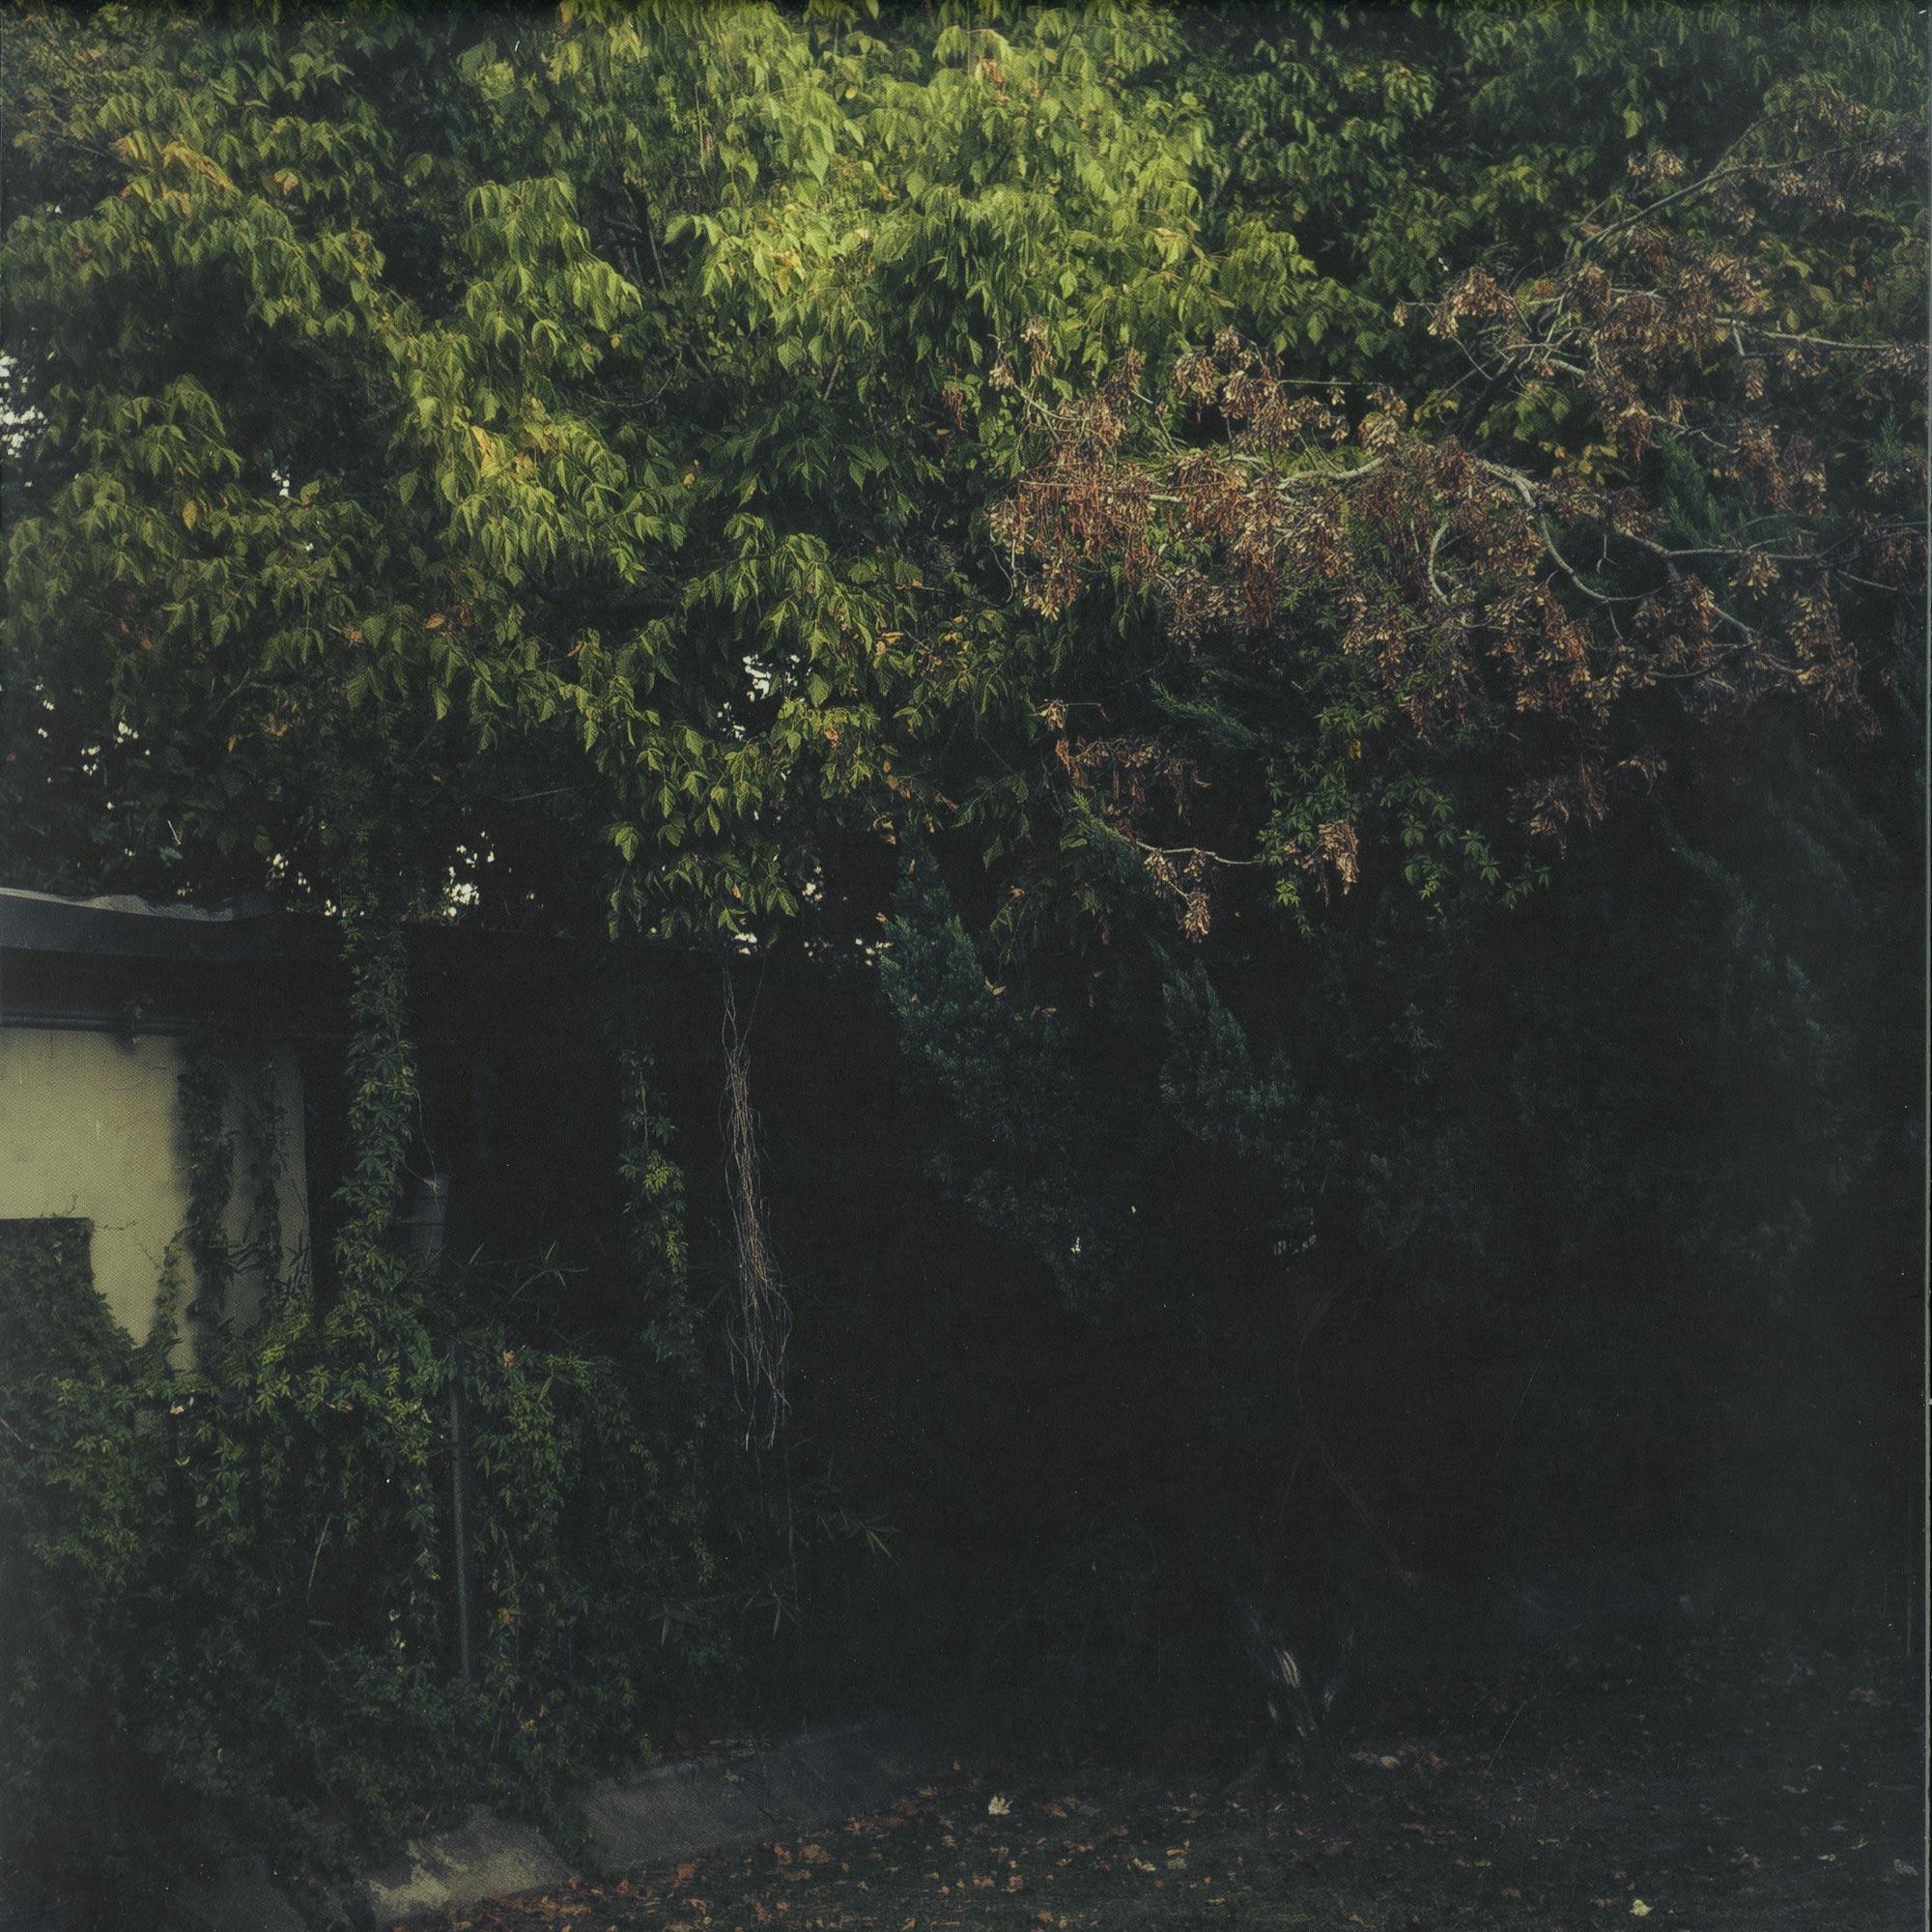 Joris Voorn - I RAN THE ZOO